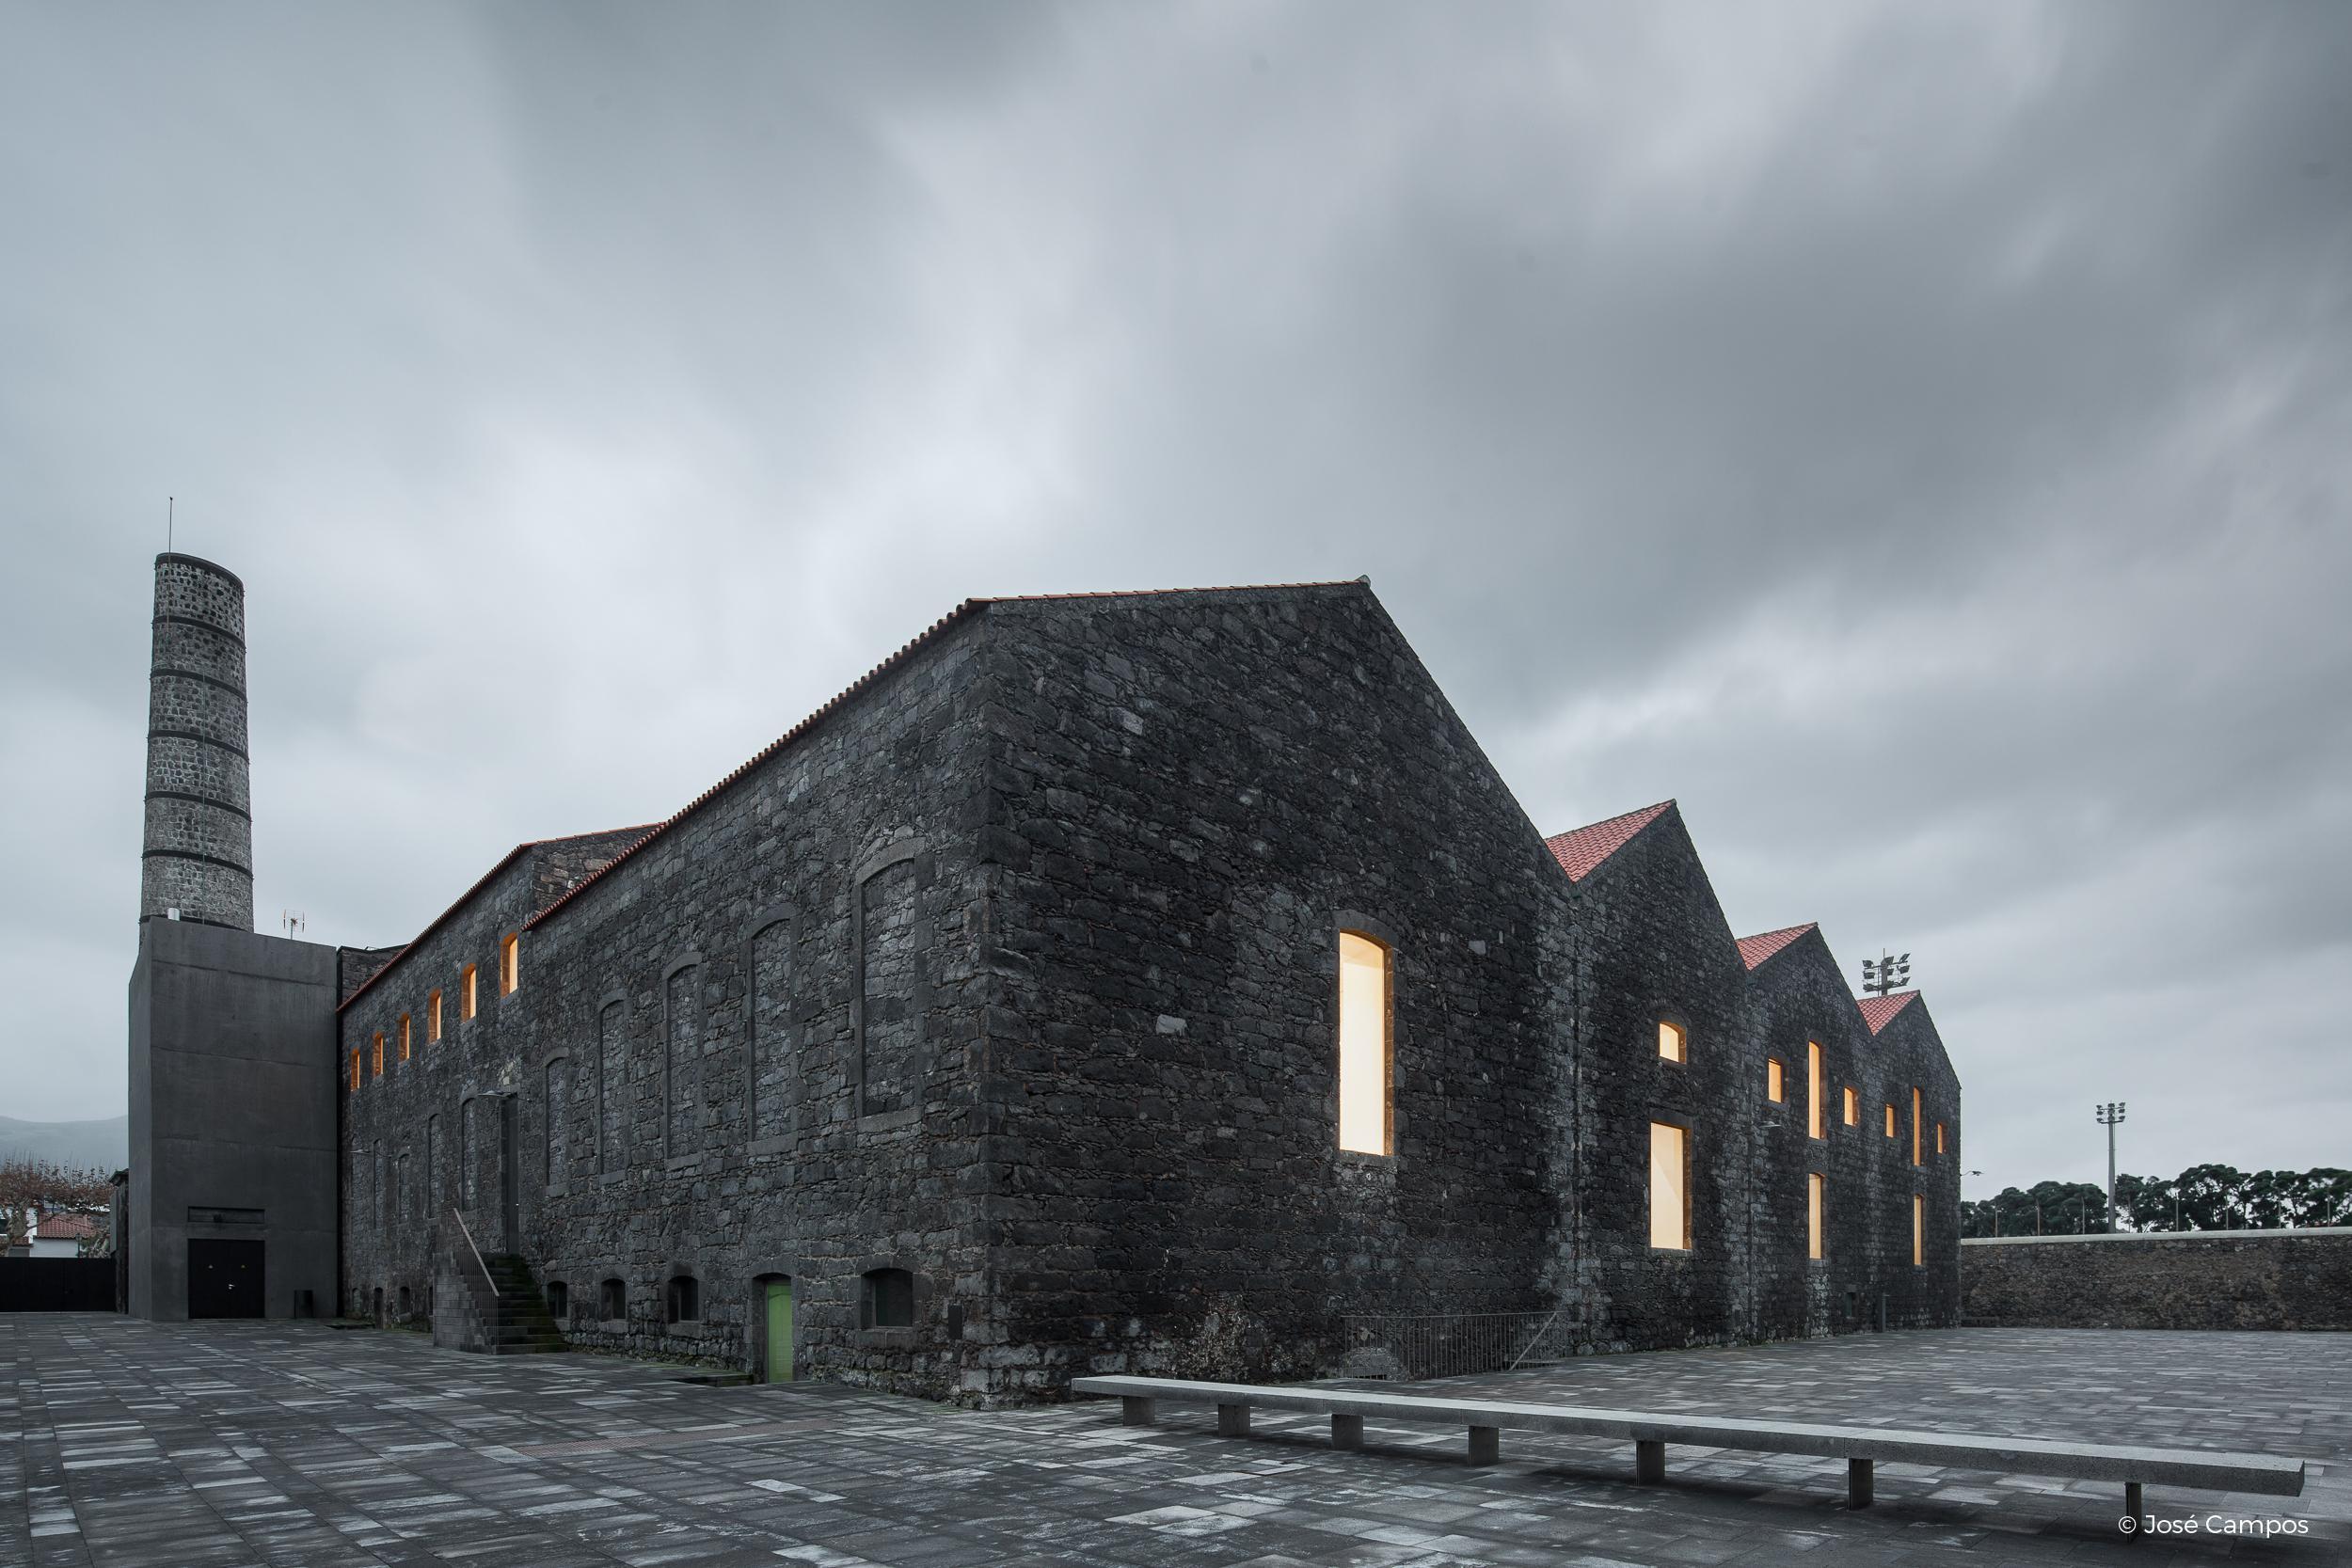 Centro de Artes Contemporâneas - Ponta Delgada - São Miguel, Açores